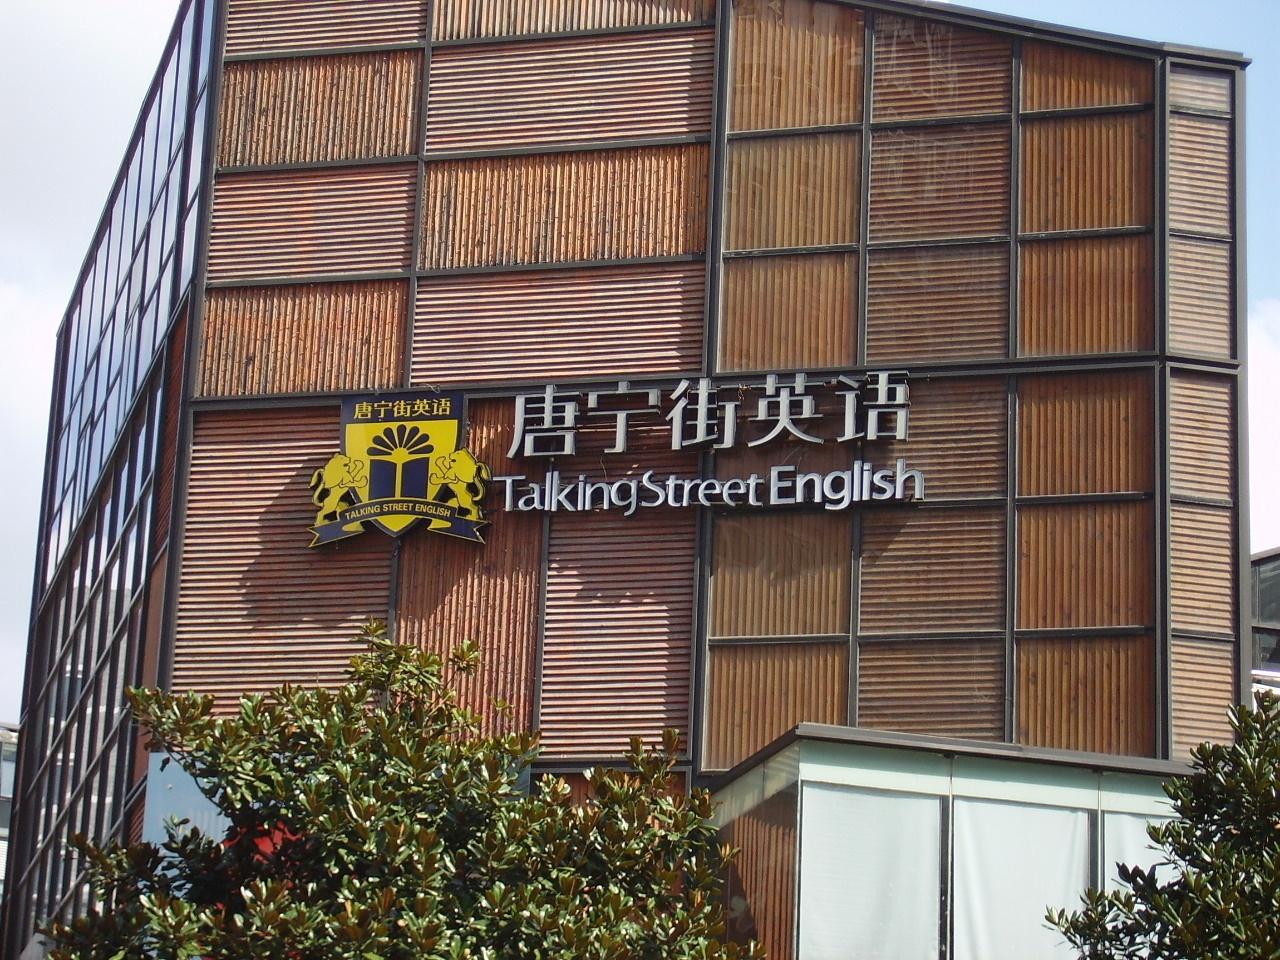 宁波唐宁街英语图册